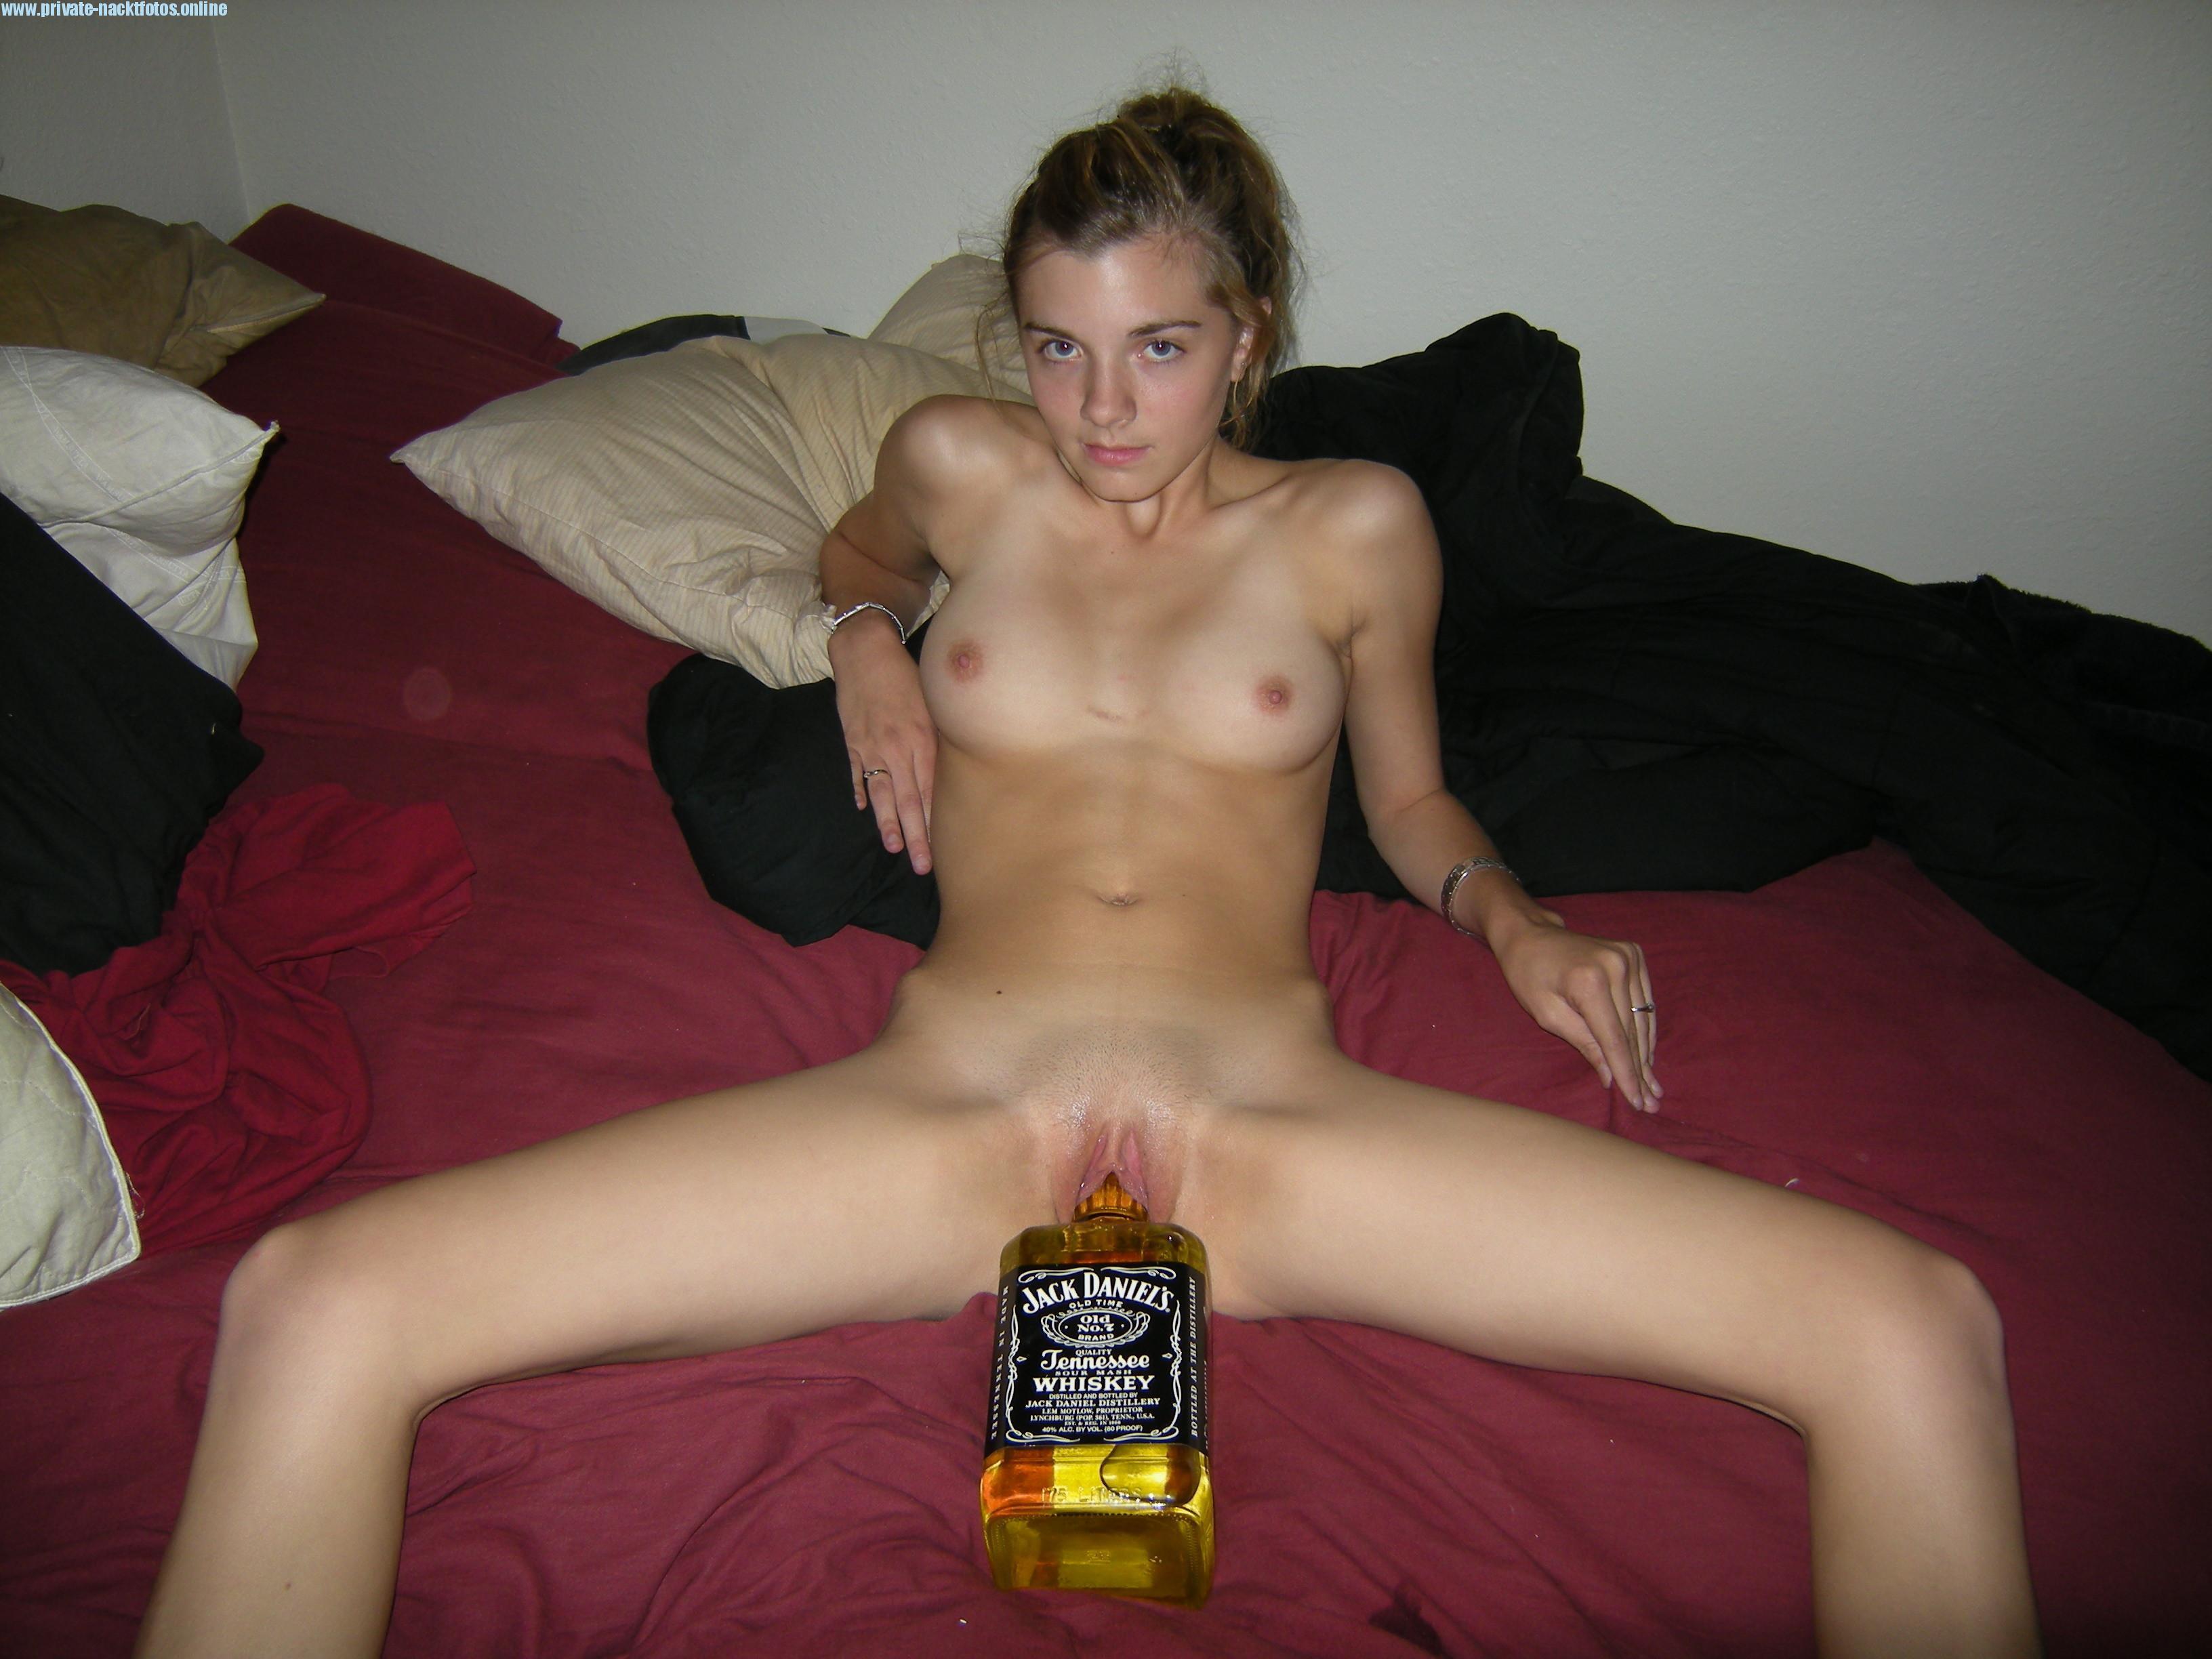 Flasche In Fotze